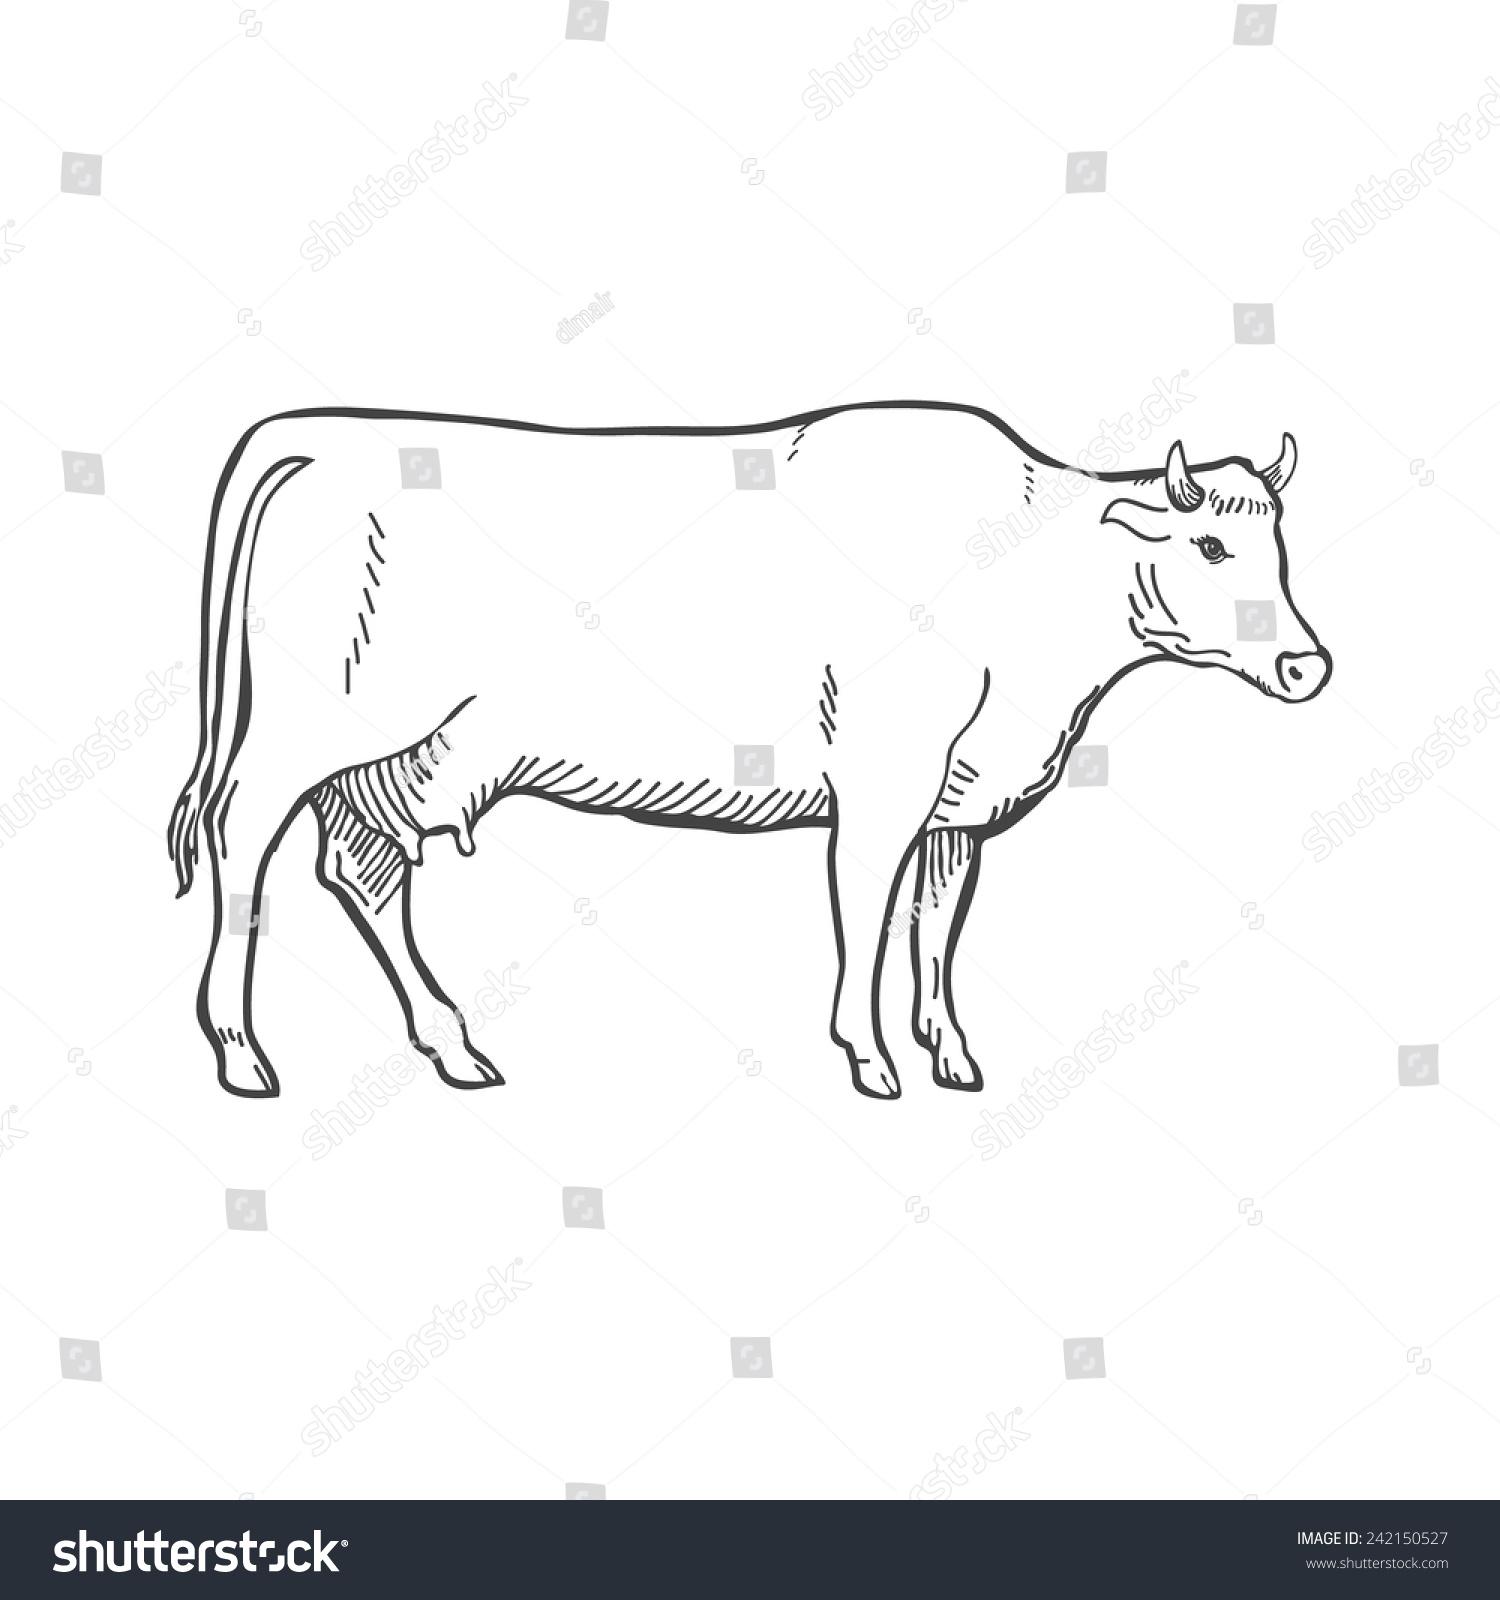 手画牛轮廓矢量图-动物/野生生物